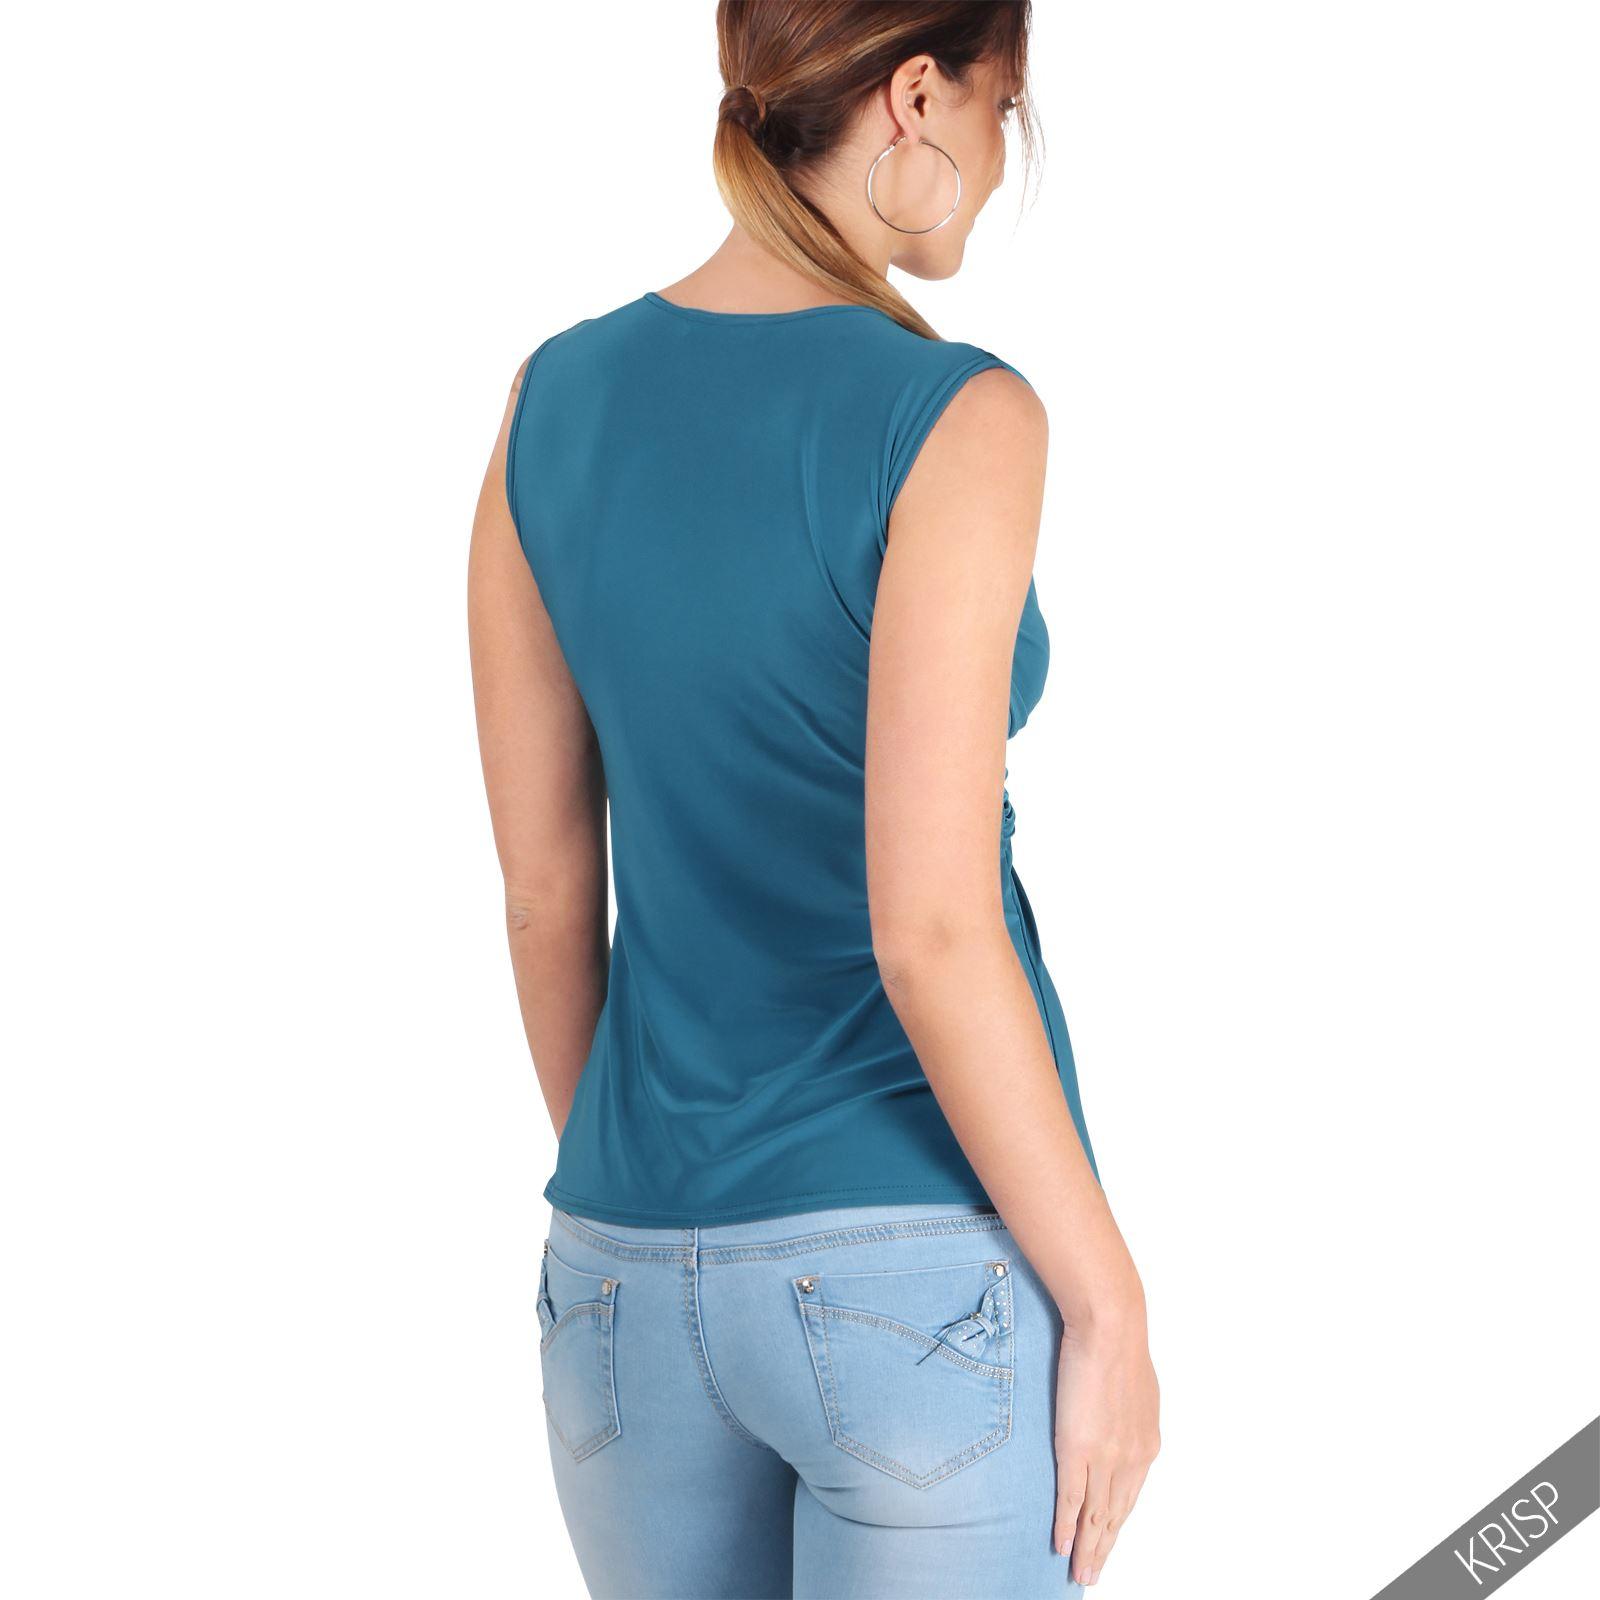 Femmes-Haut-Debardeur-T-shirt-Tee-Shirt-Top-Sans-Manche-Uni-Affaires-Ete-Plage miniature 12